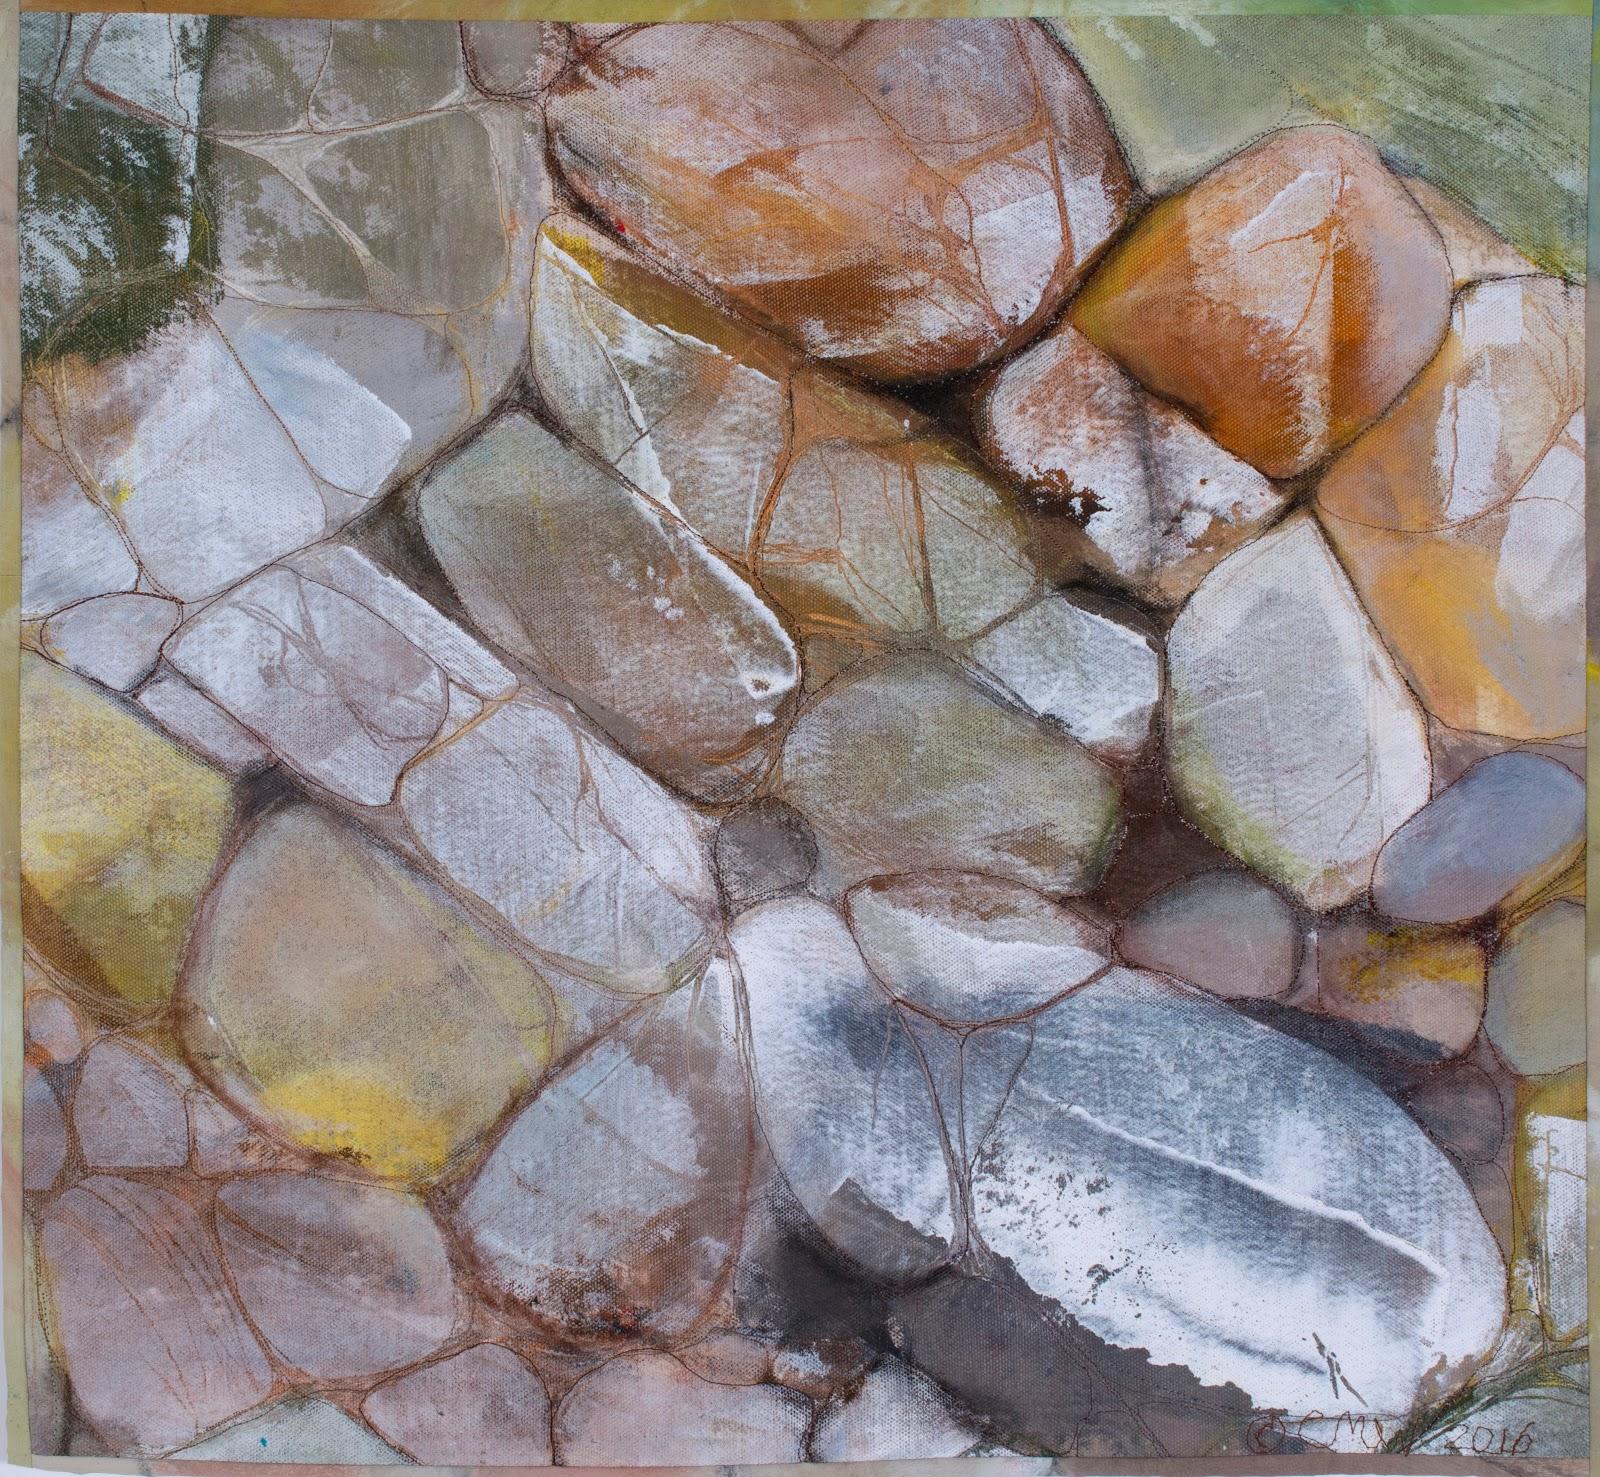 Rocks #3